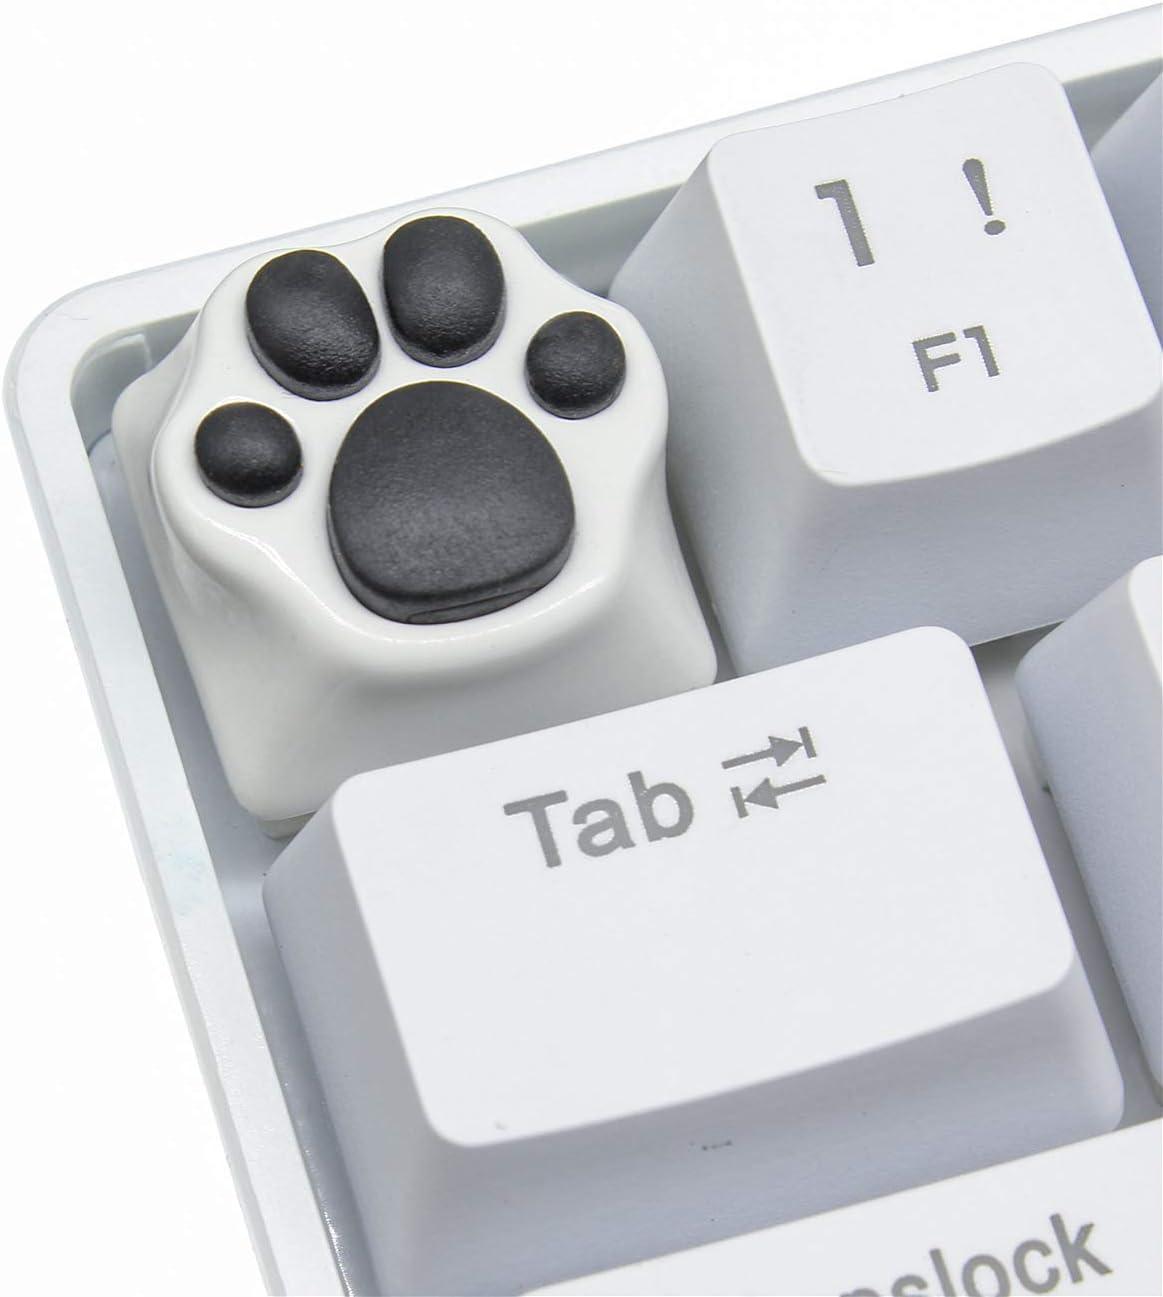 Keycap ESC de Garras del Gato Hecho a Mano de Goma-Metal Teclas Personalizadas para 60% Teclado Mecánico Gaming Cherry MX (Negro-Blanco)